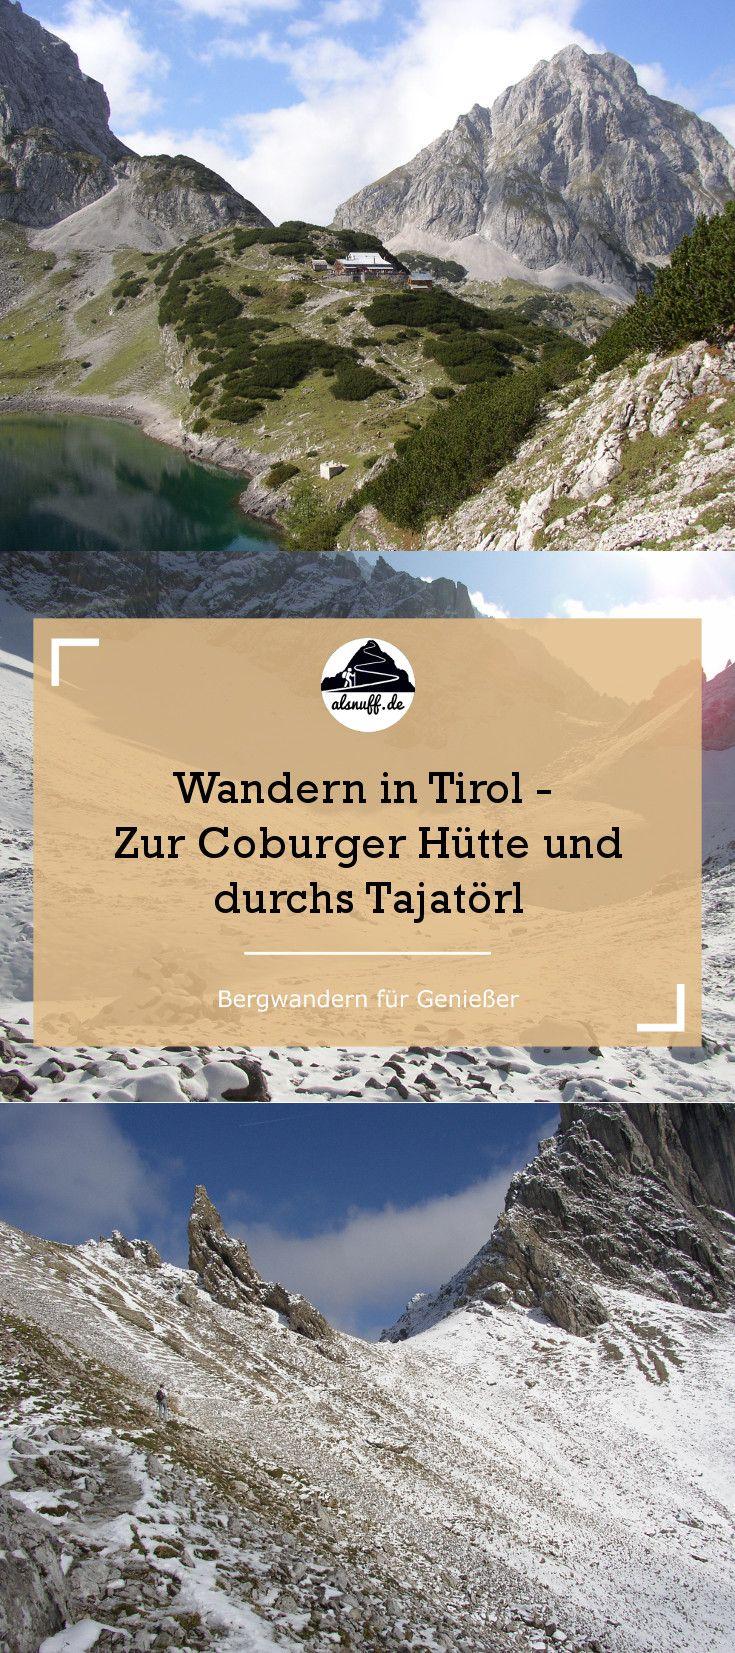 Tageswanderung von Ehrwald zur Coburger Hütte, vorbei am Drachensee übers Tajatörl. #Tirol #wandern #berge #alpen #österreich #outdoor